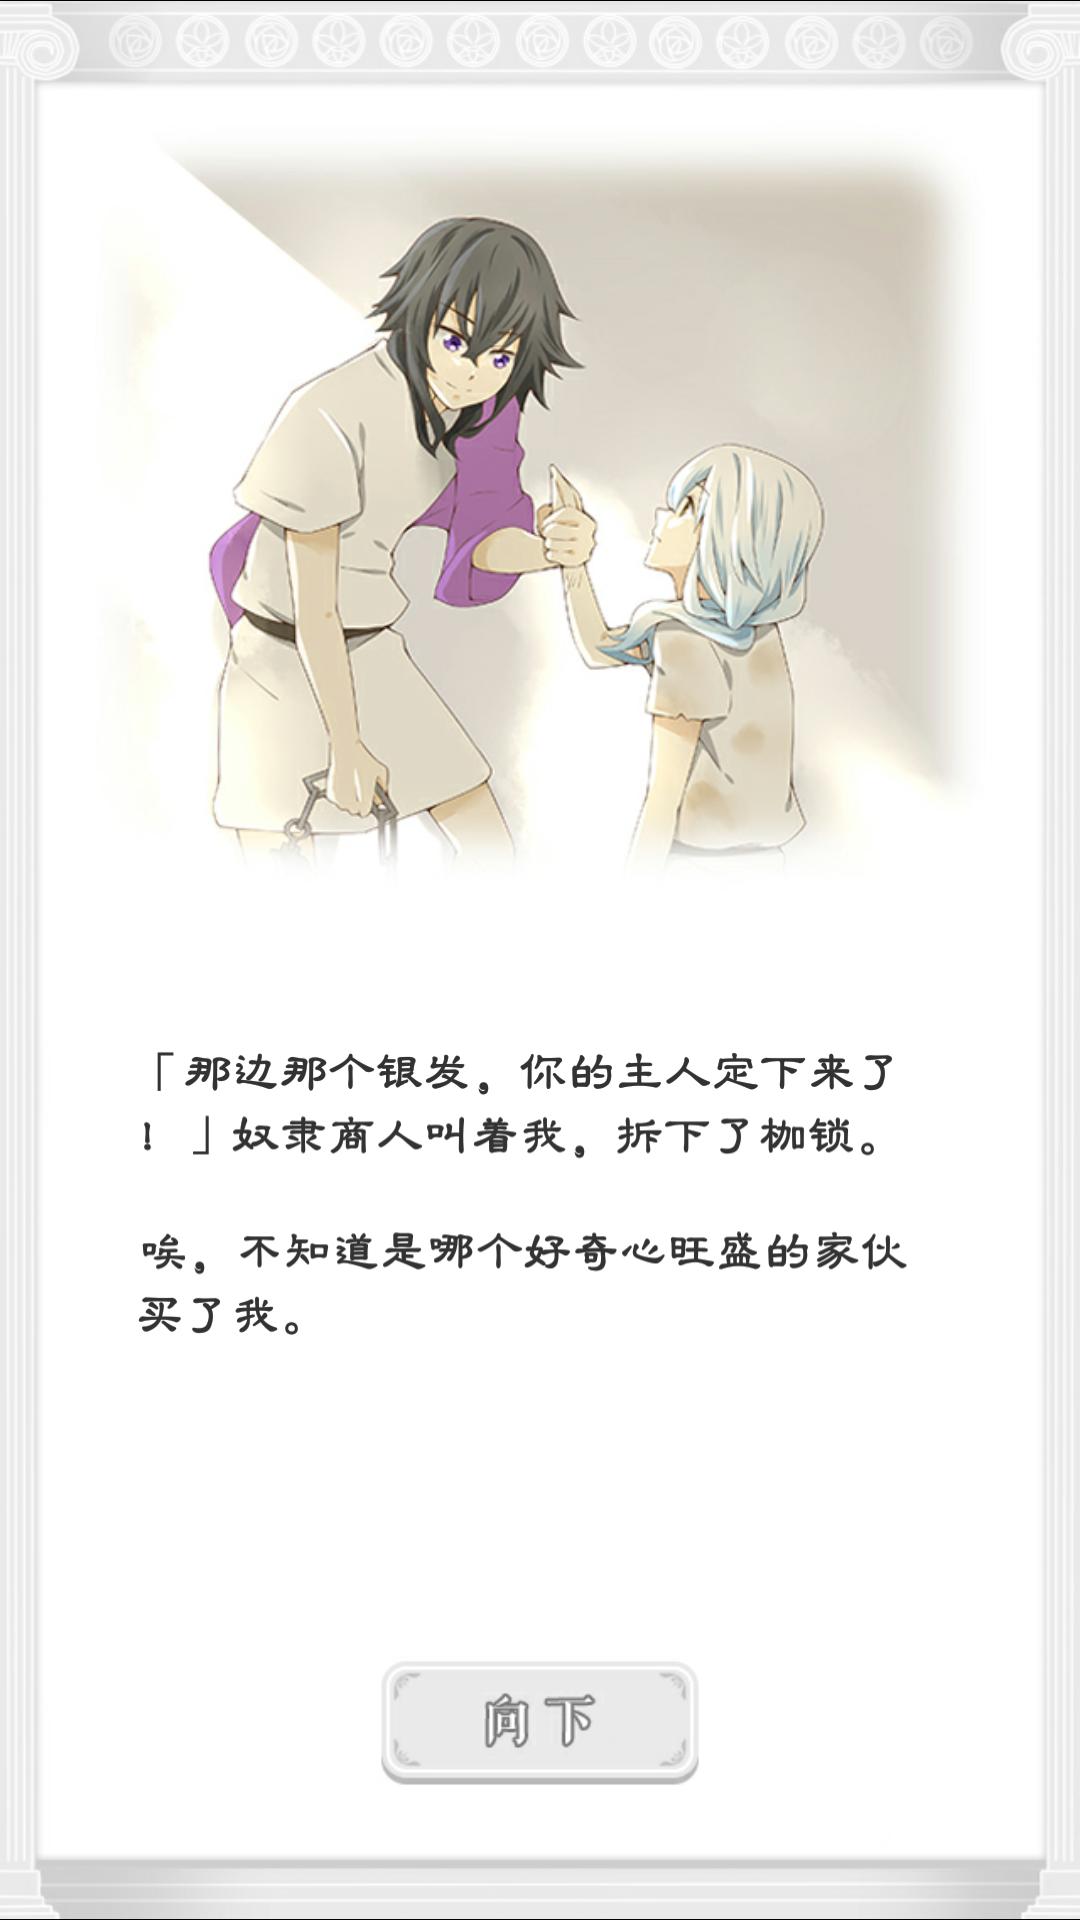 斗剑乱舞 汉化版